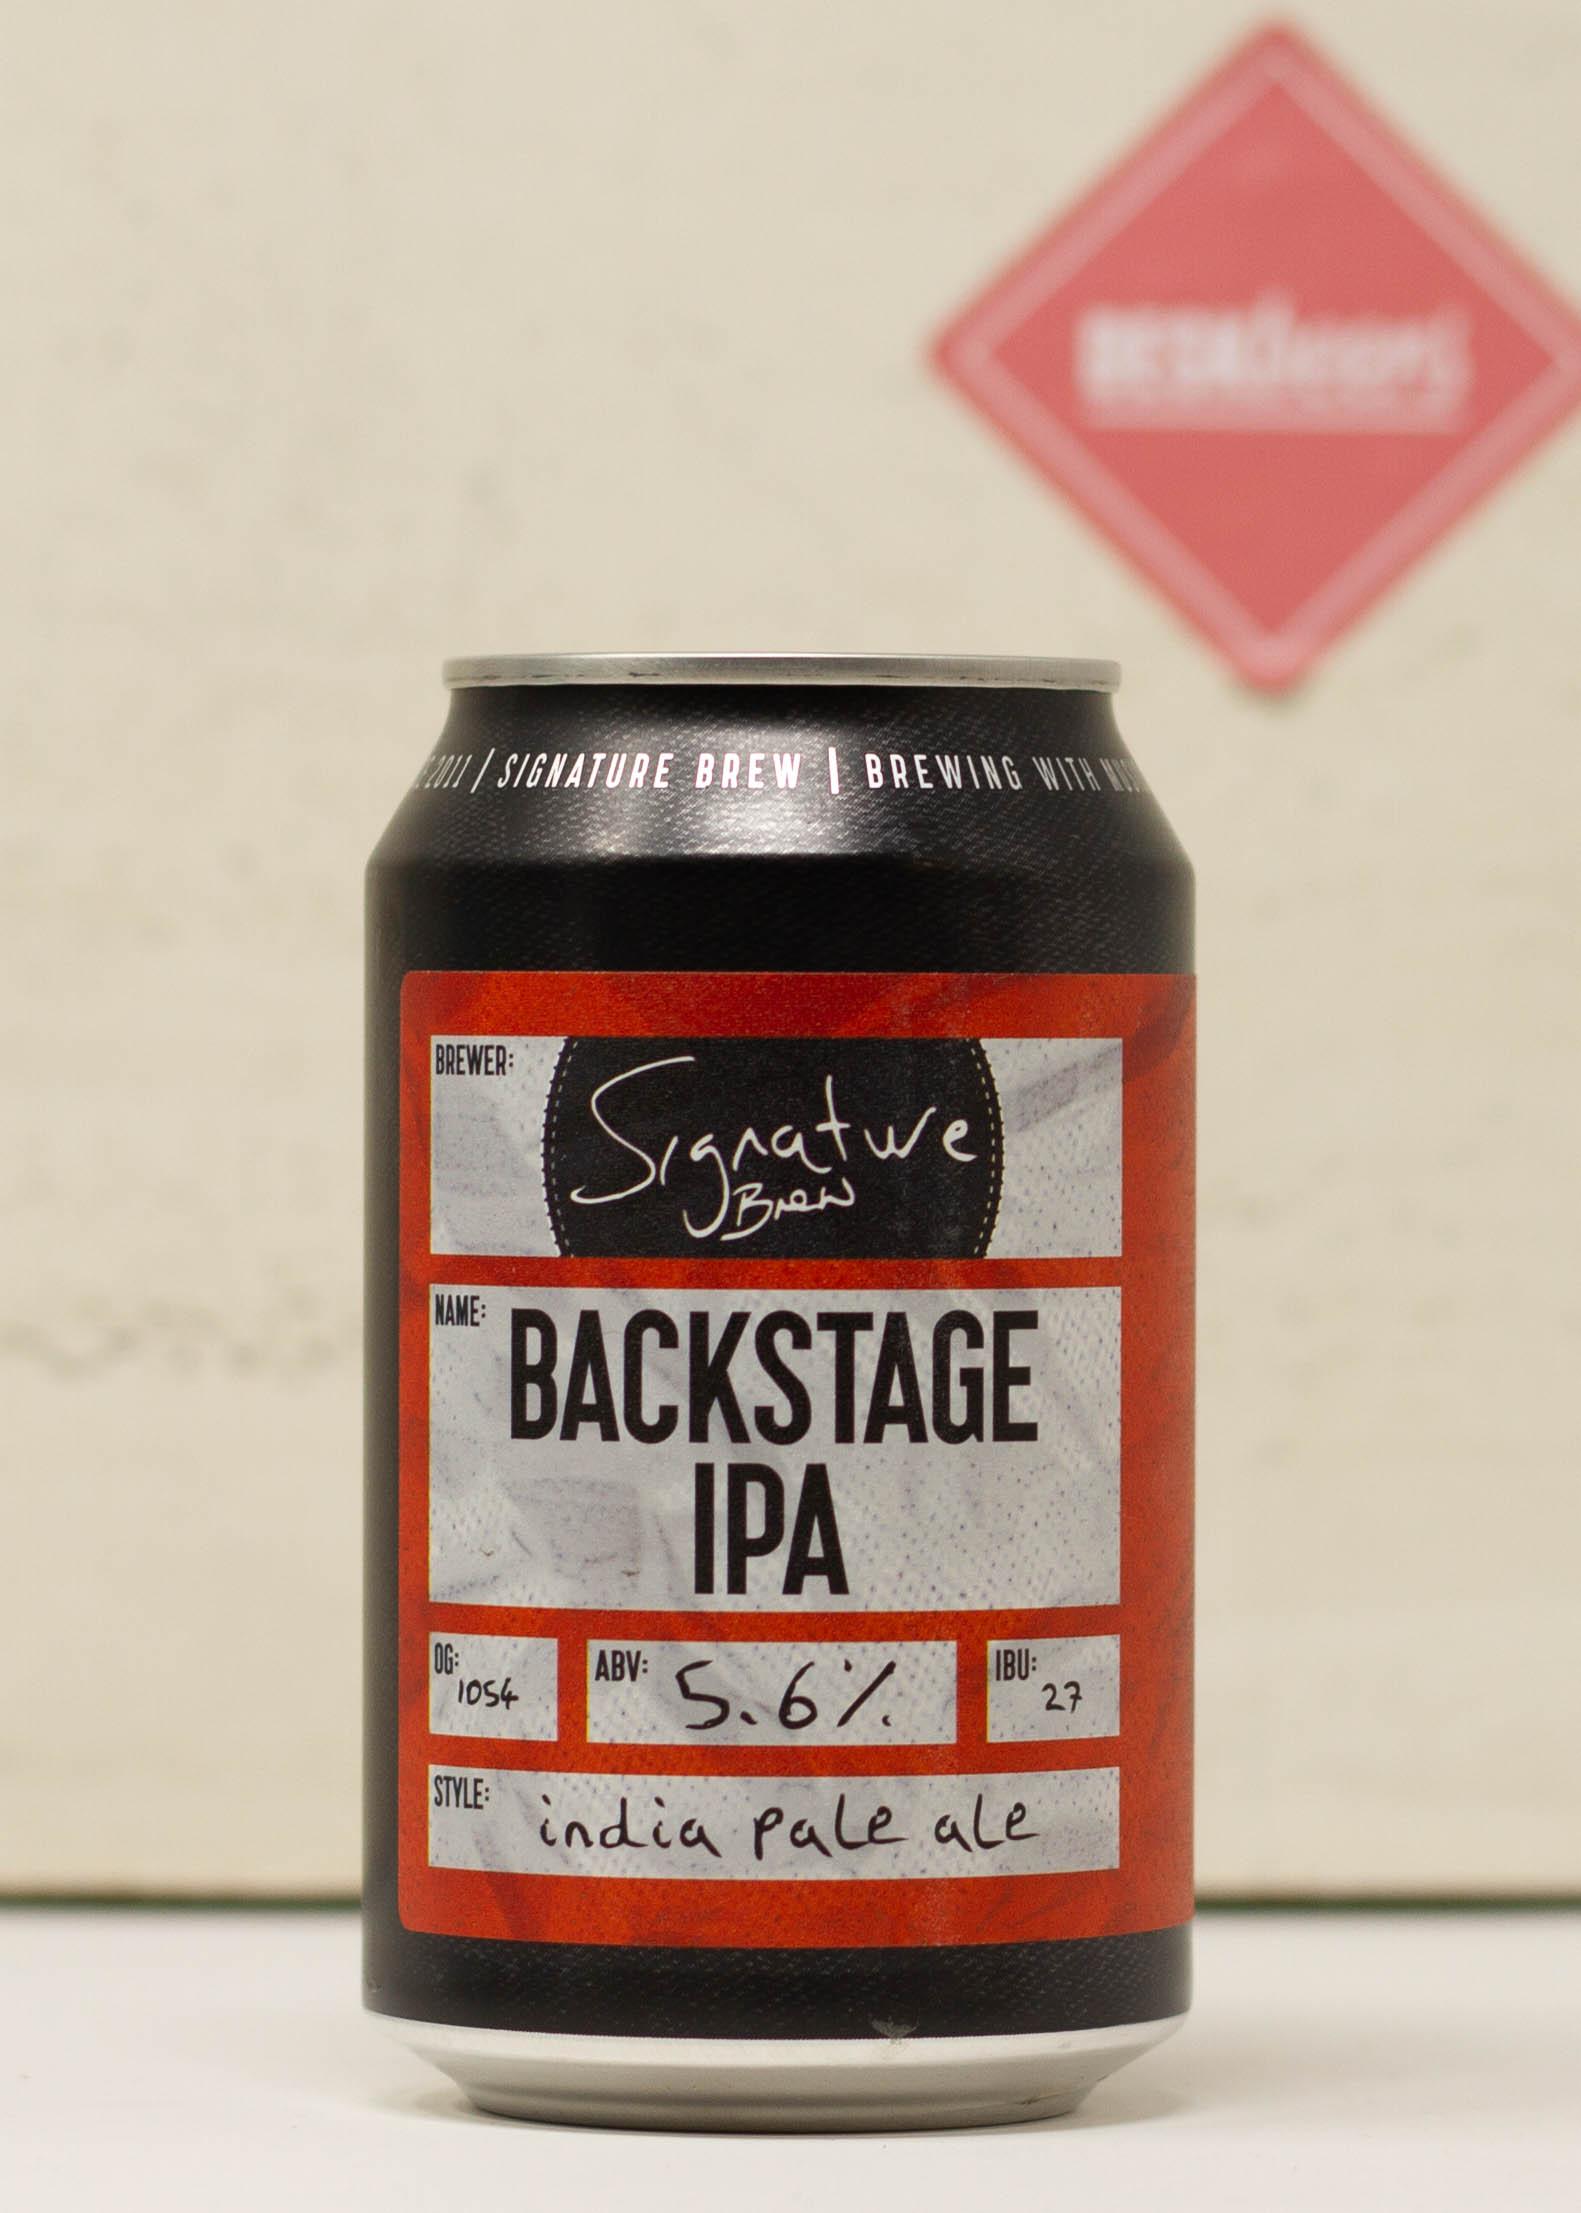 Backstage IPA